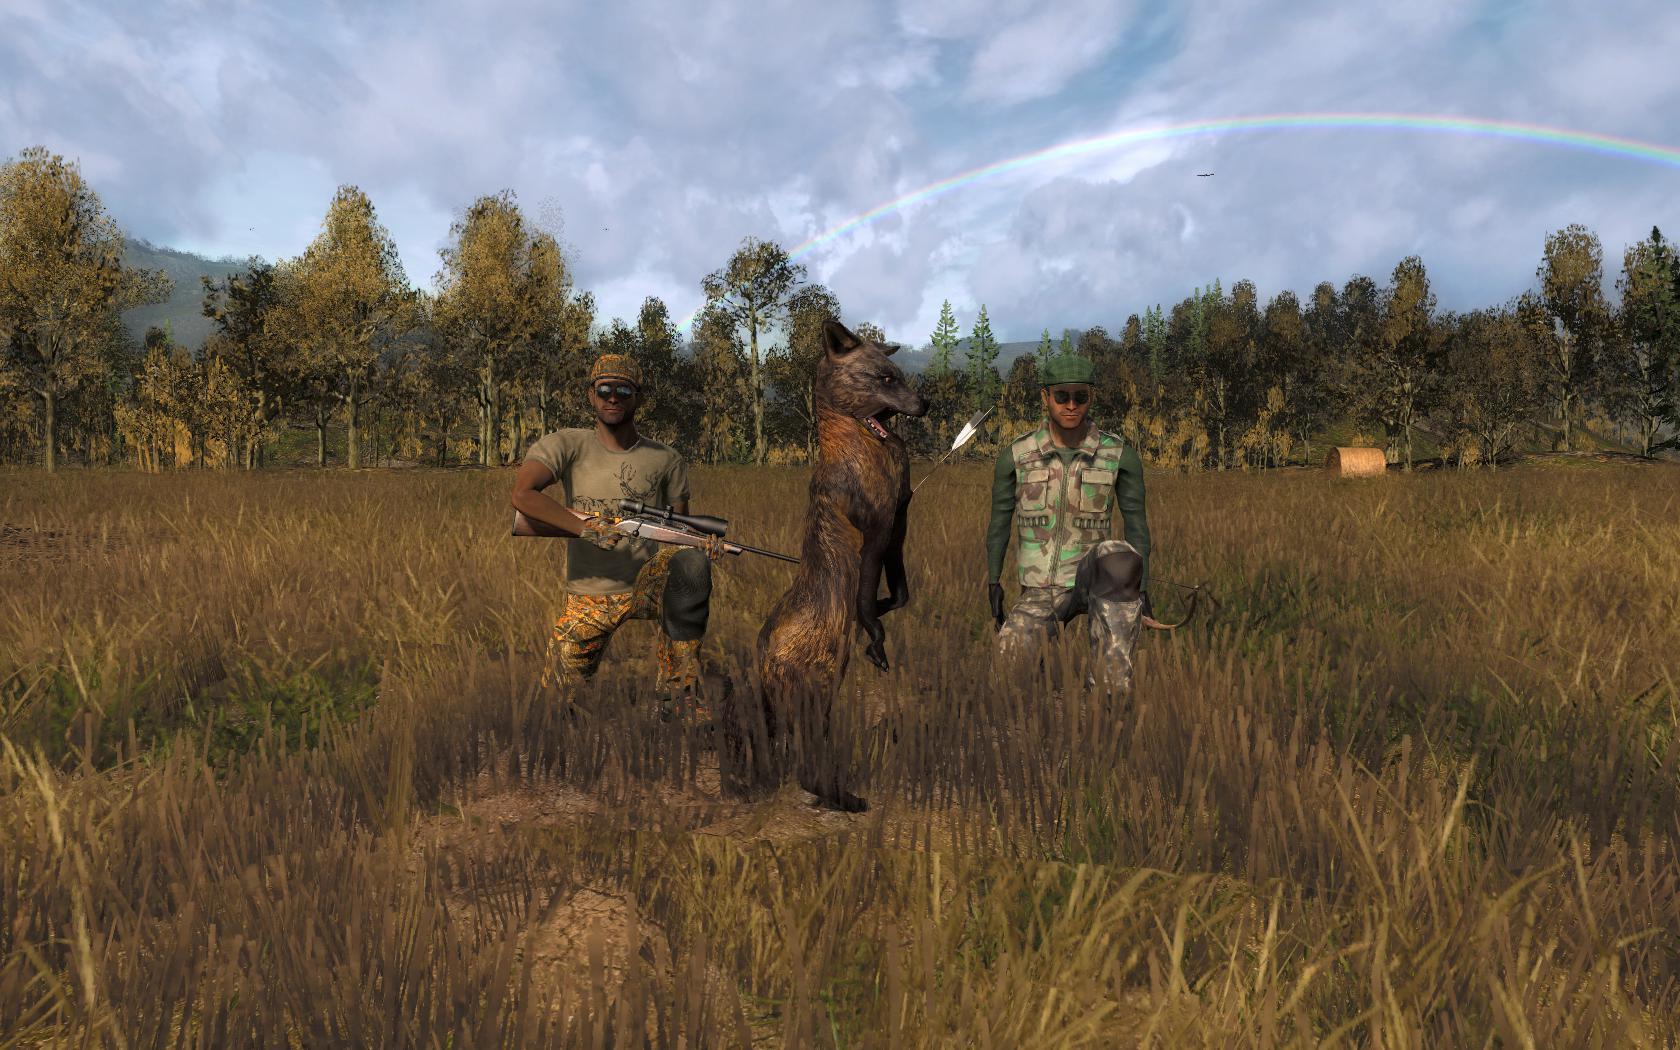 Fotografie in multiplayer con i Nostri AMICI - Pagina 2 Cdcea612a6bbcdb4980c3617f1b3e59c6695ba89